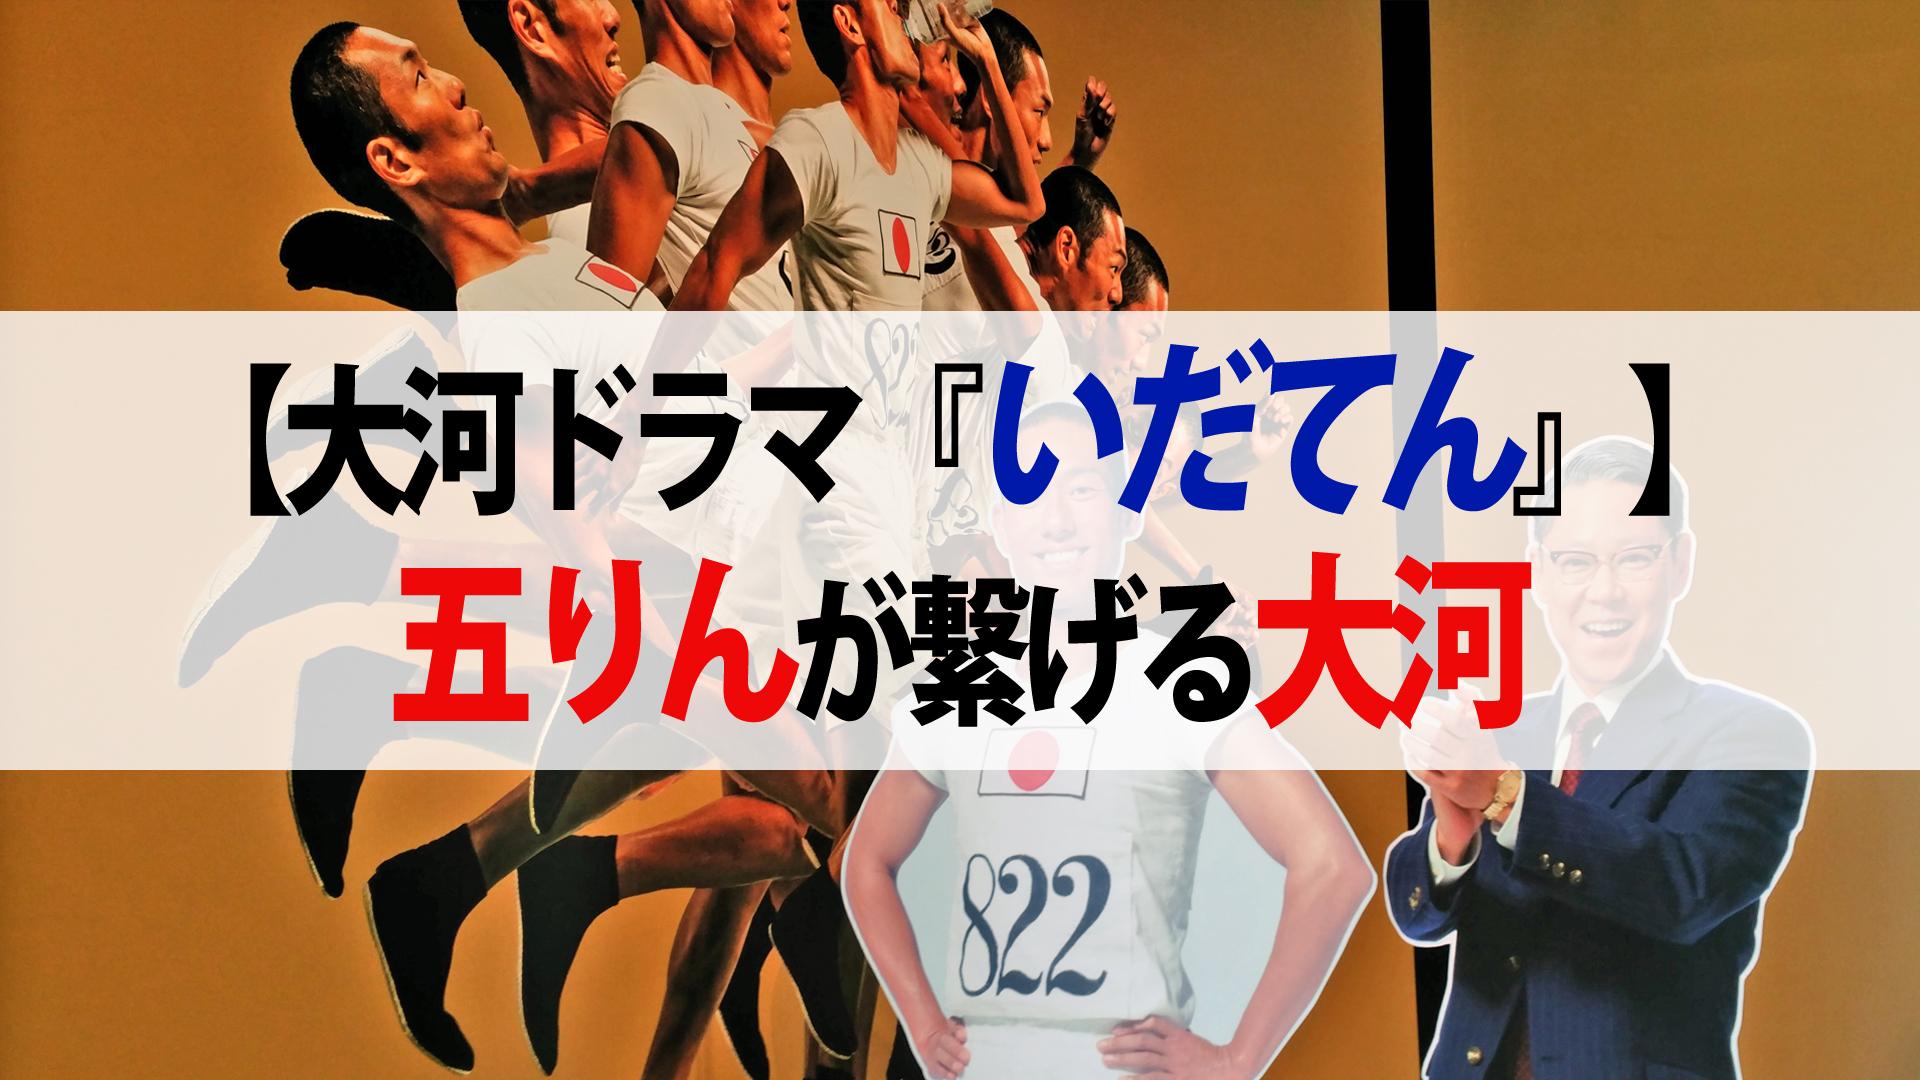 【いだてん『東京流れ者』】『五りんが繋げる大河』『埼玉オリンピック』『森西栄一』第42回への反響まとめ